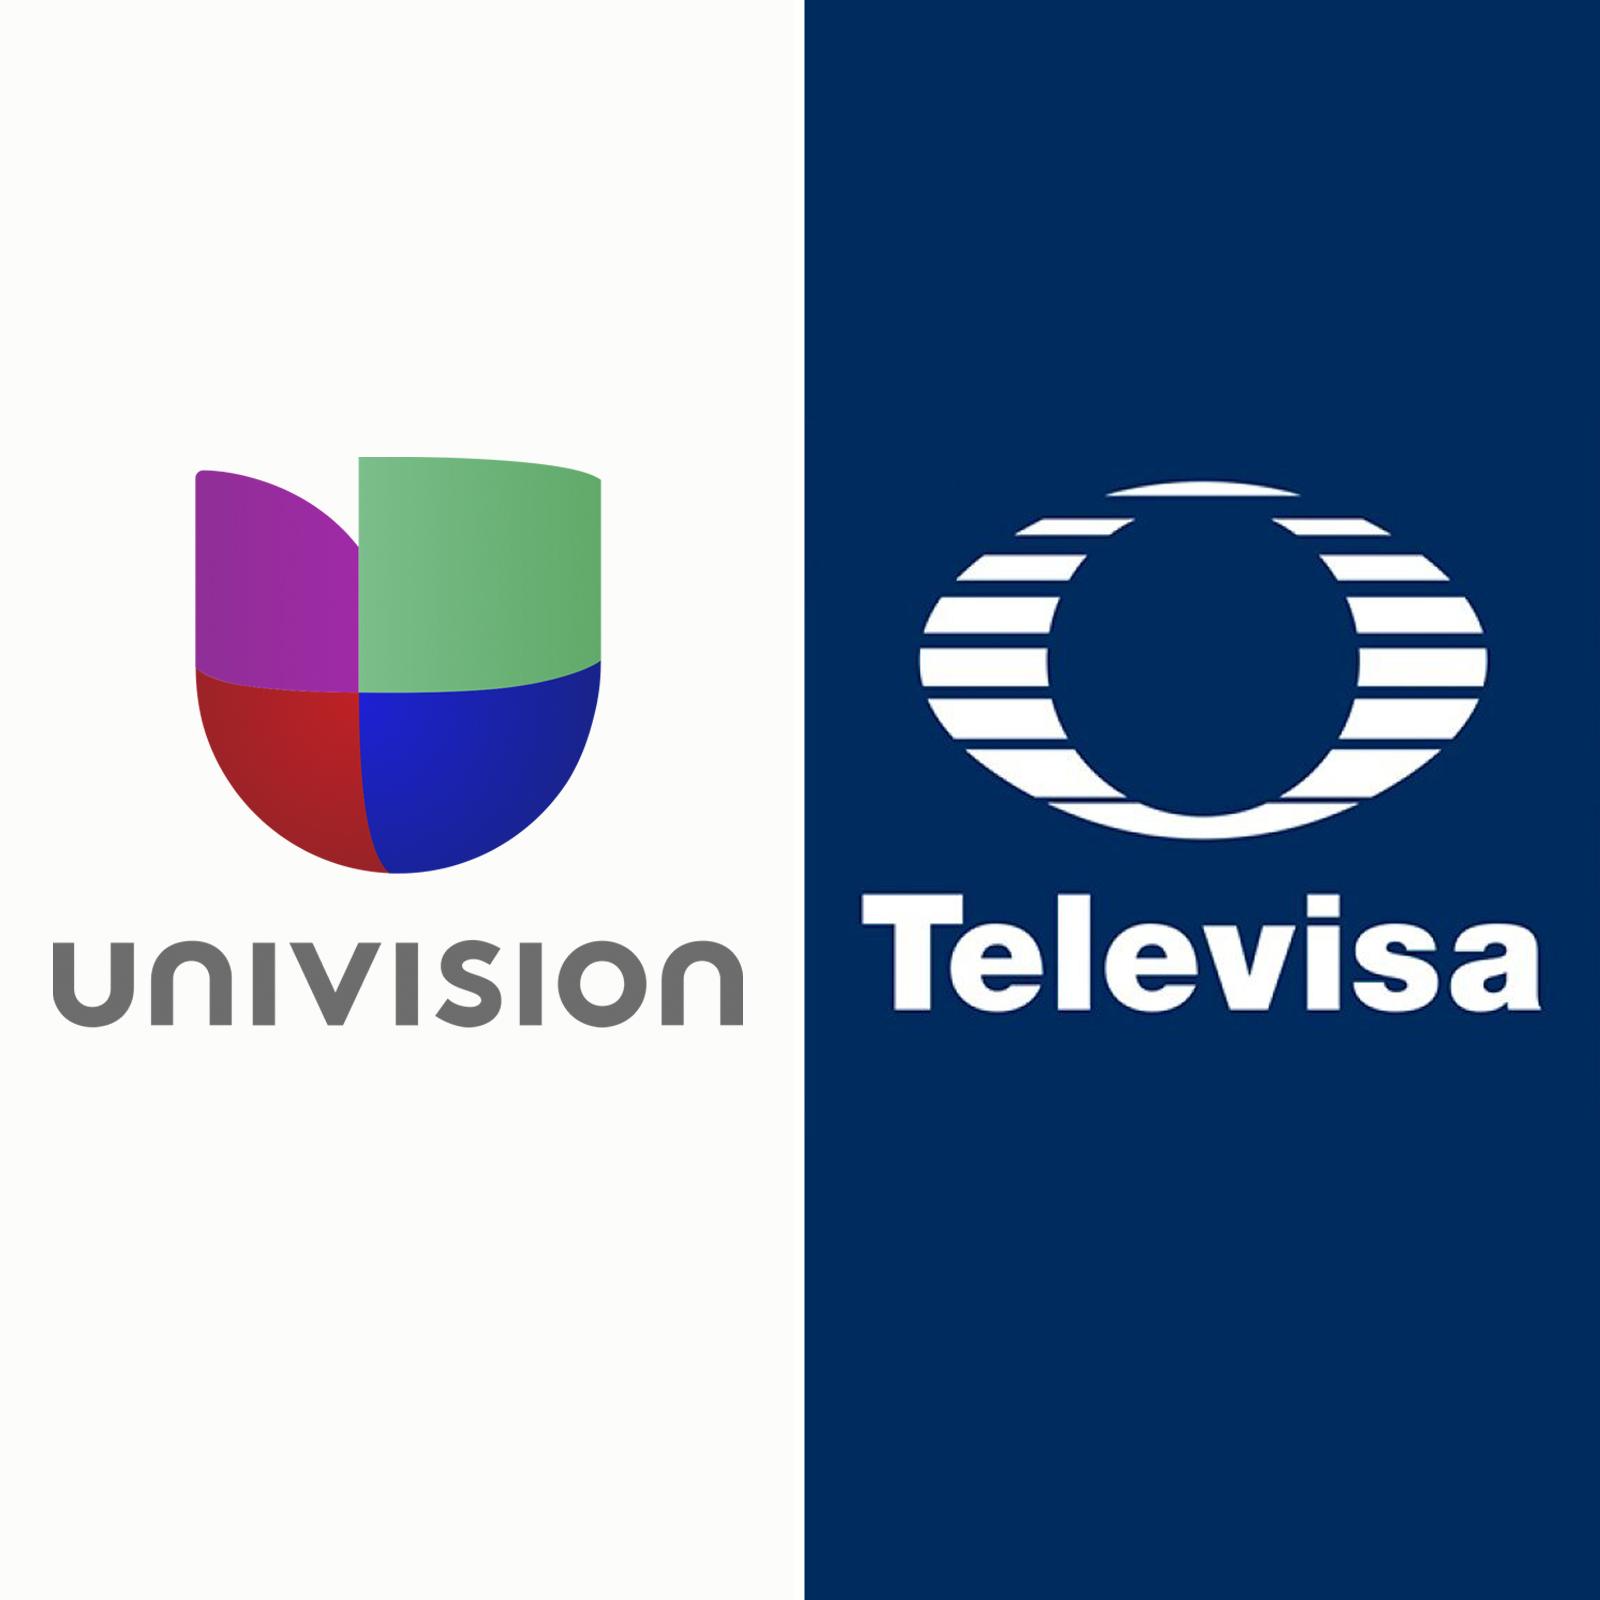 Univision y Televisa